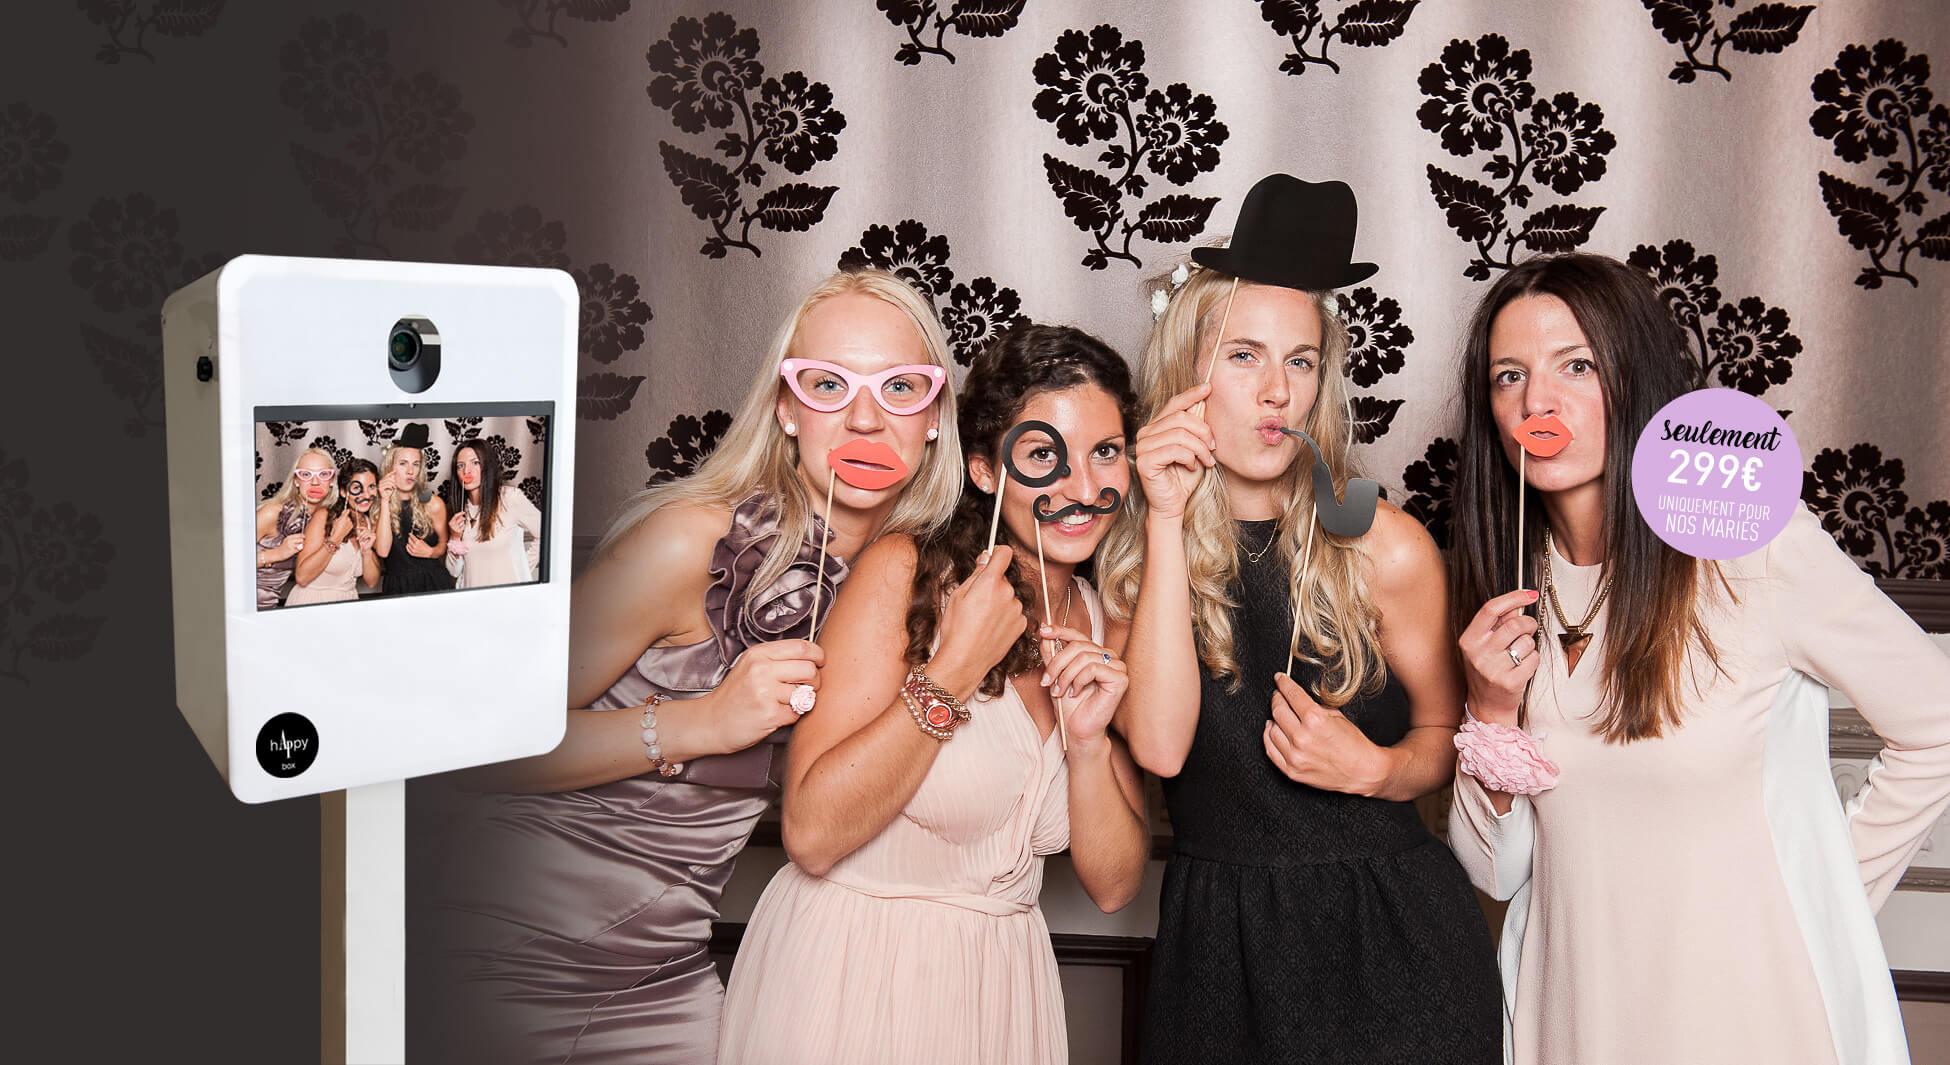 photobooth de mariage comment ça marche?